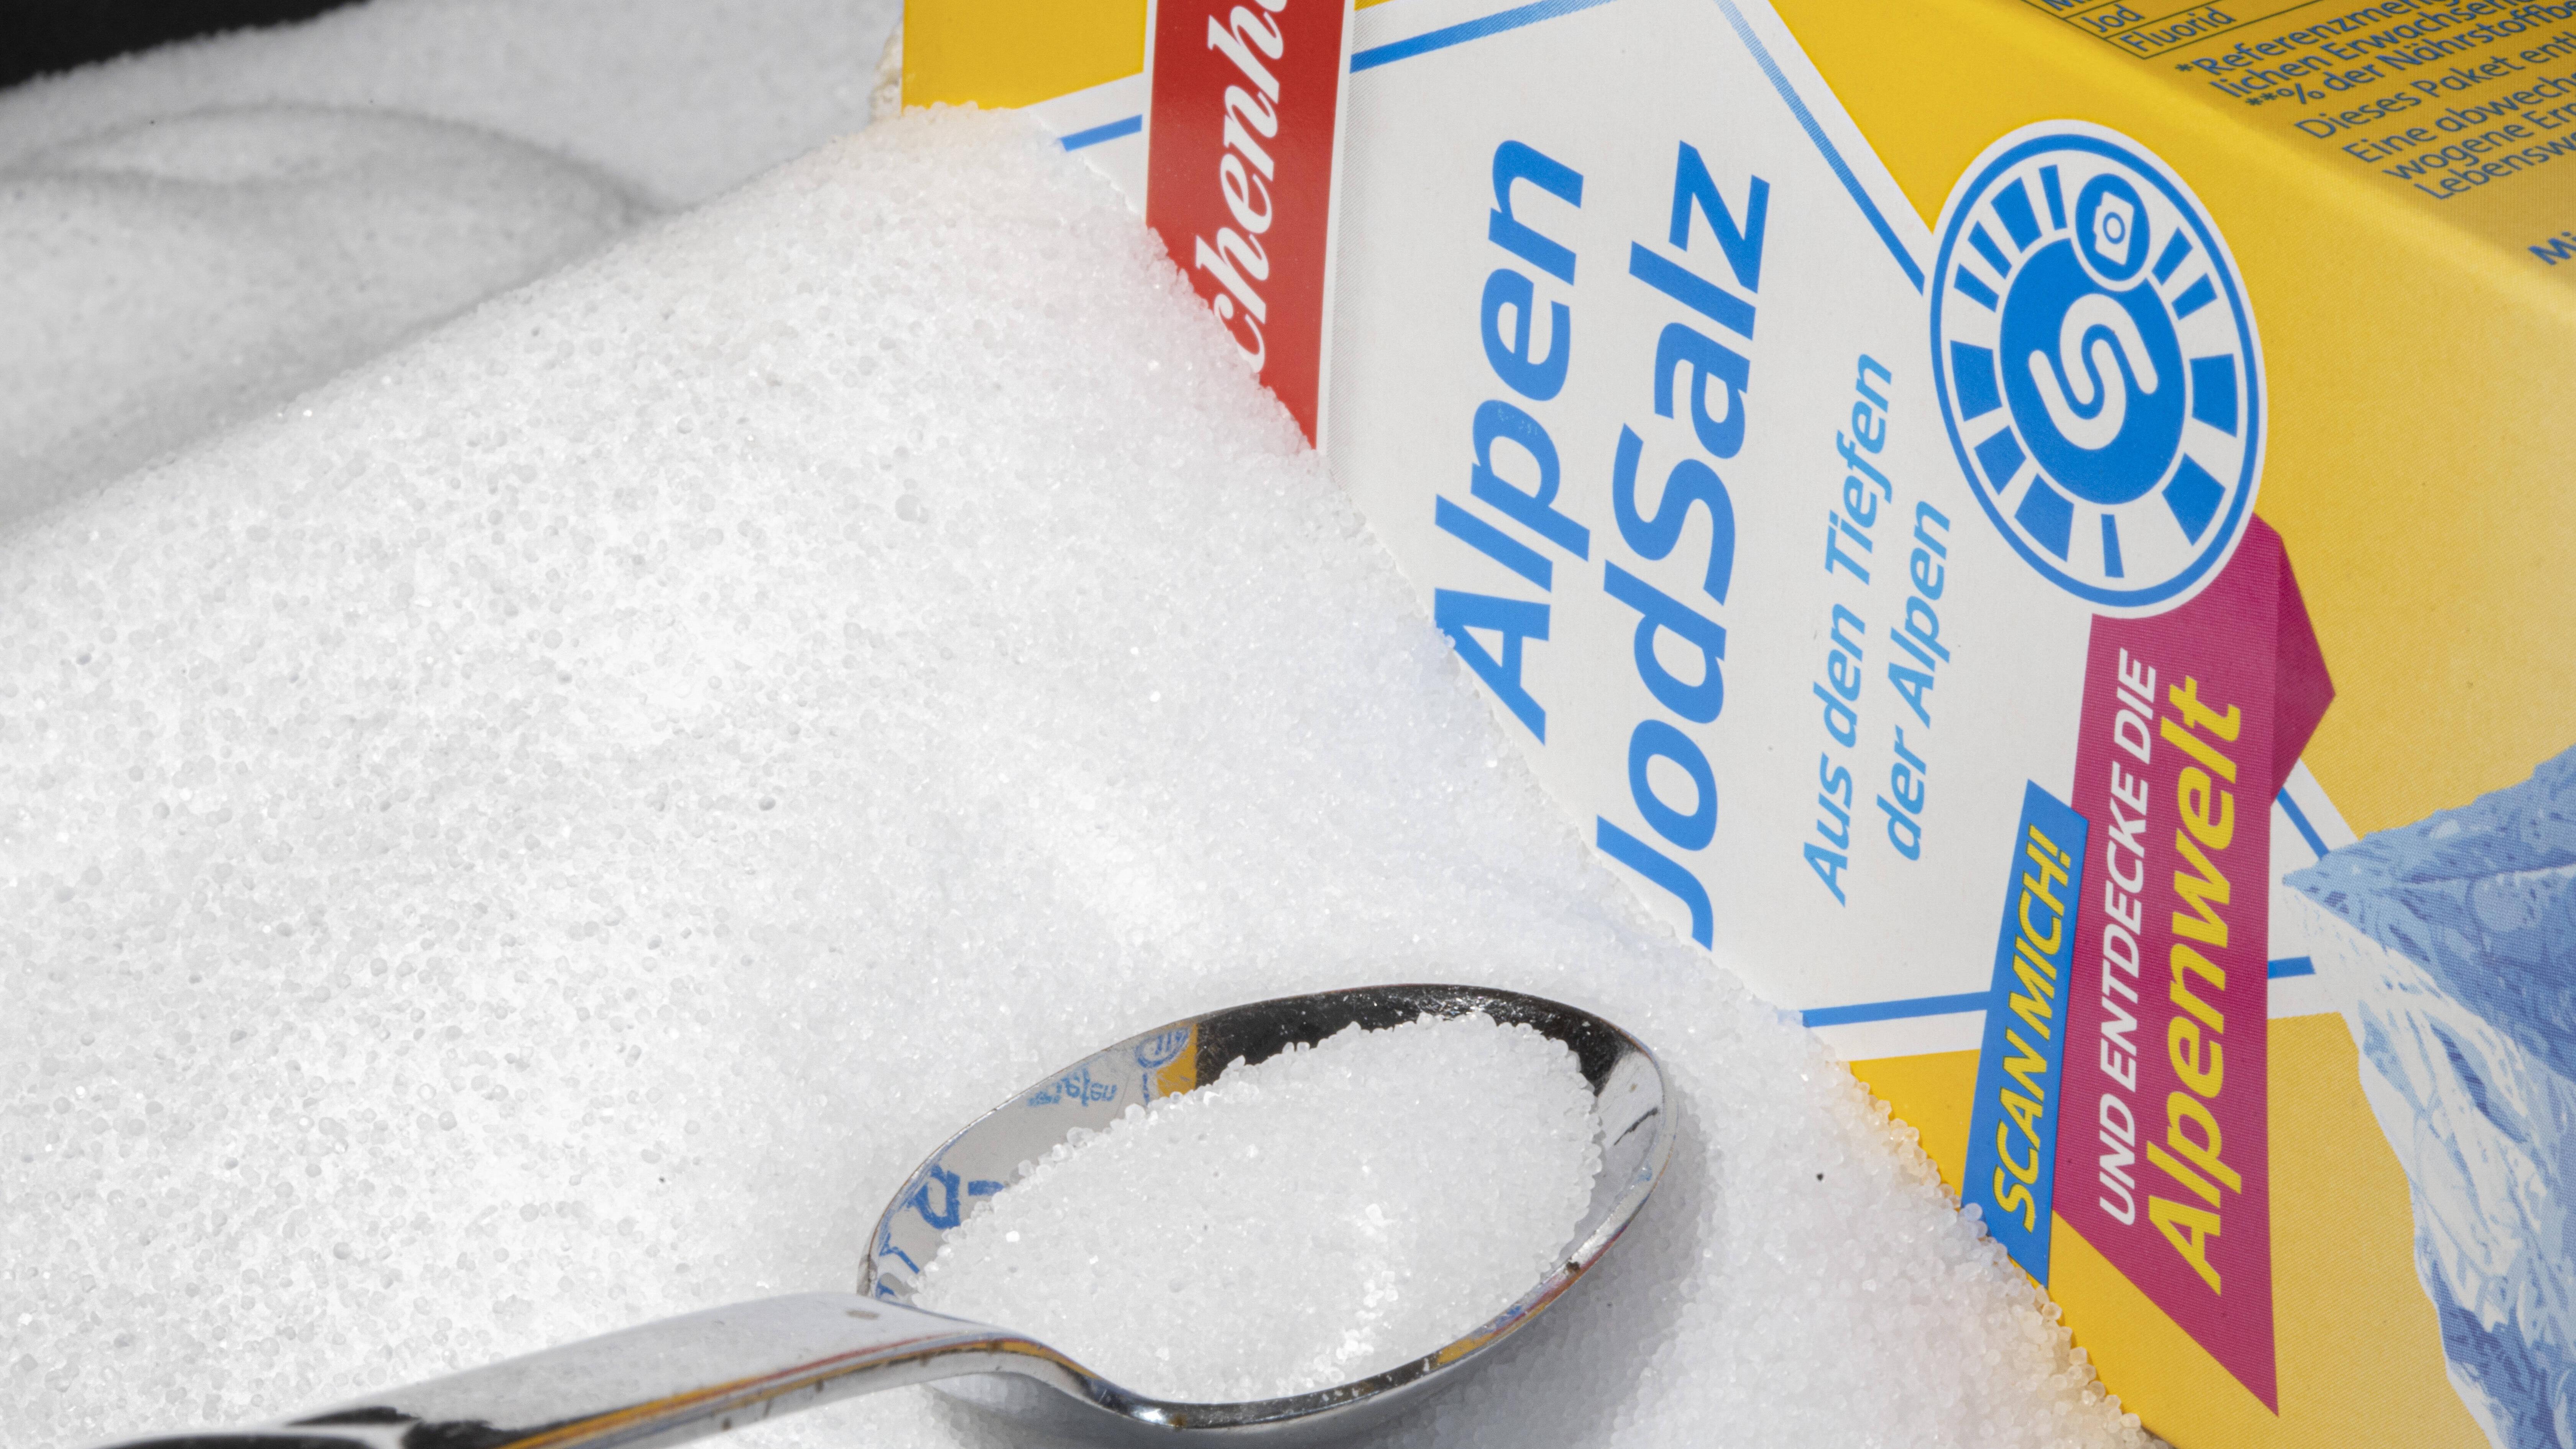 Achten Sie beim Kauf von Salz auf zugesetztes Jod, damit Sie Ihren Tagesbedarf decken können.